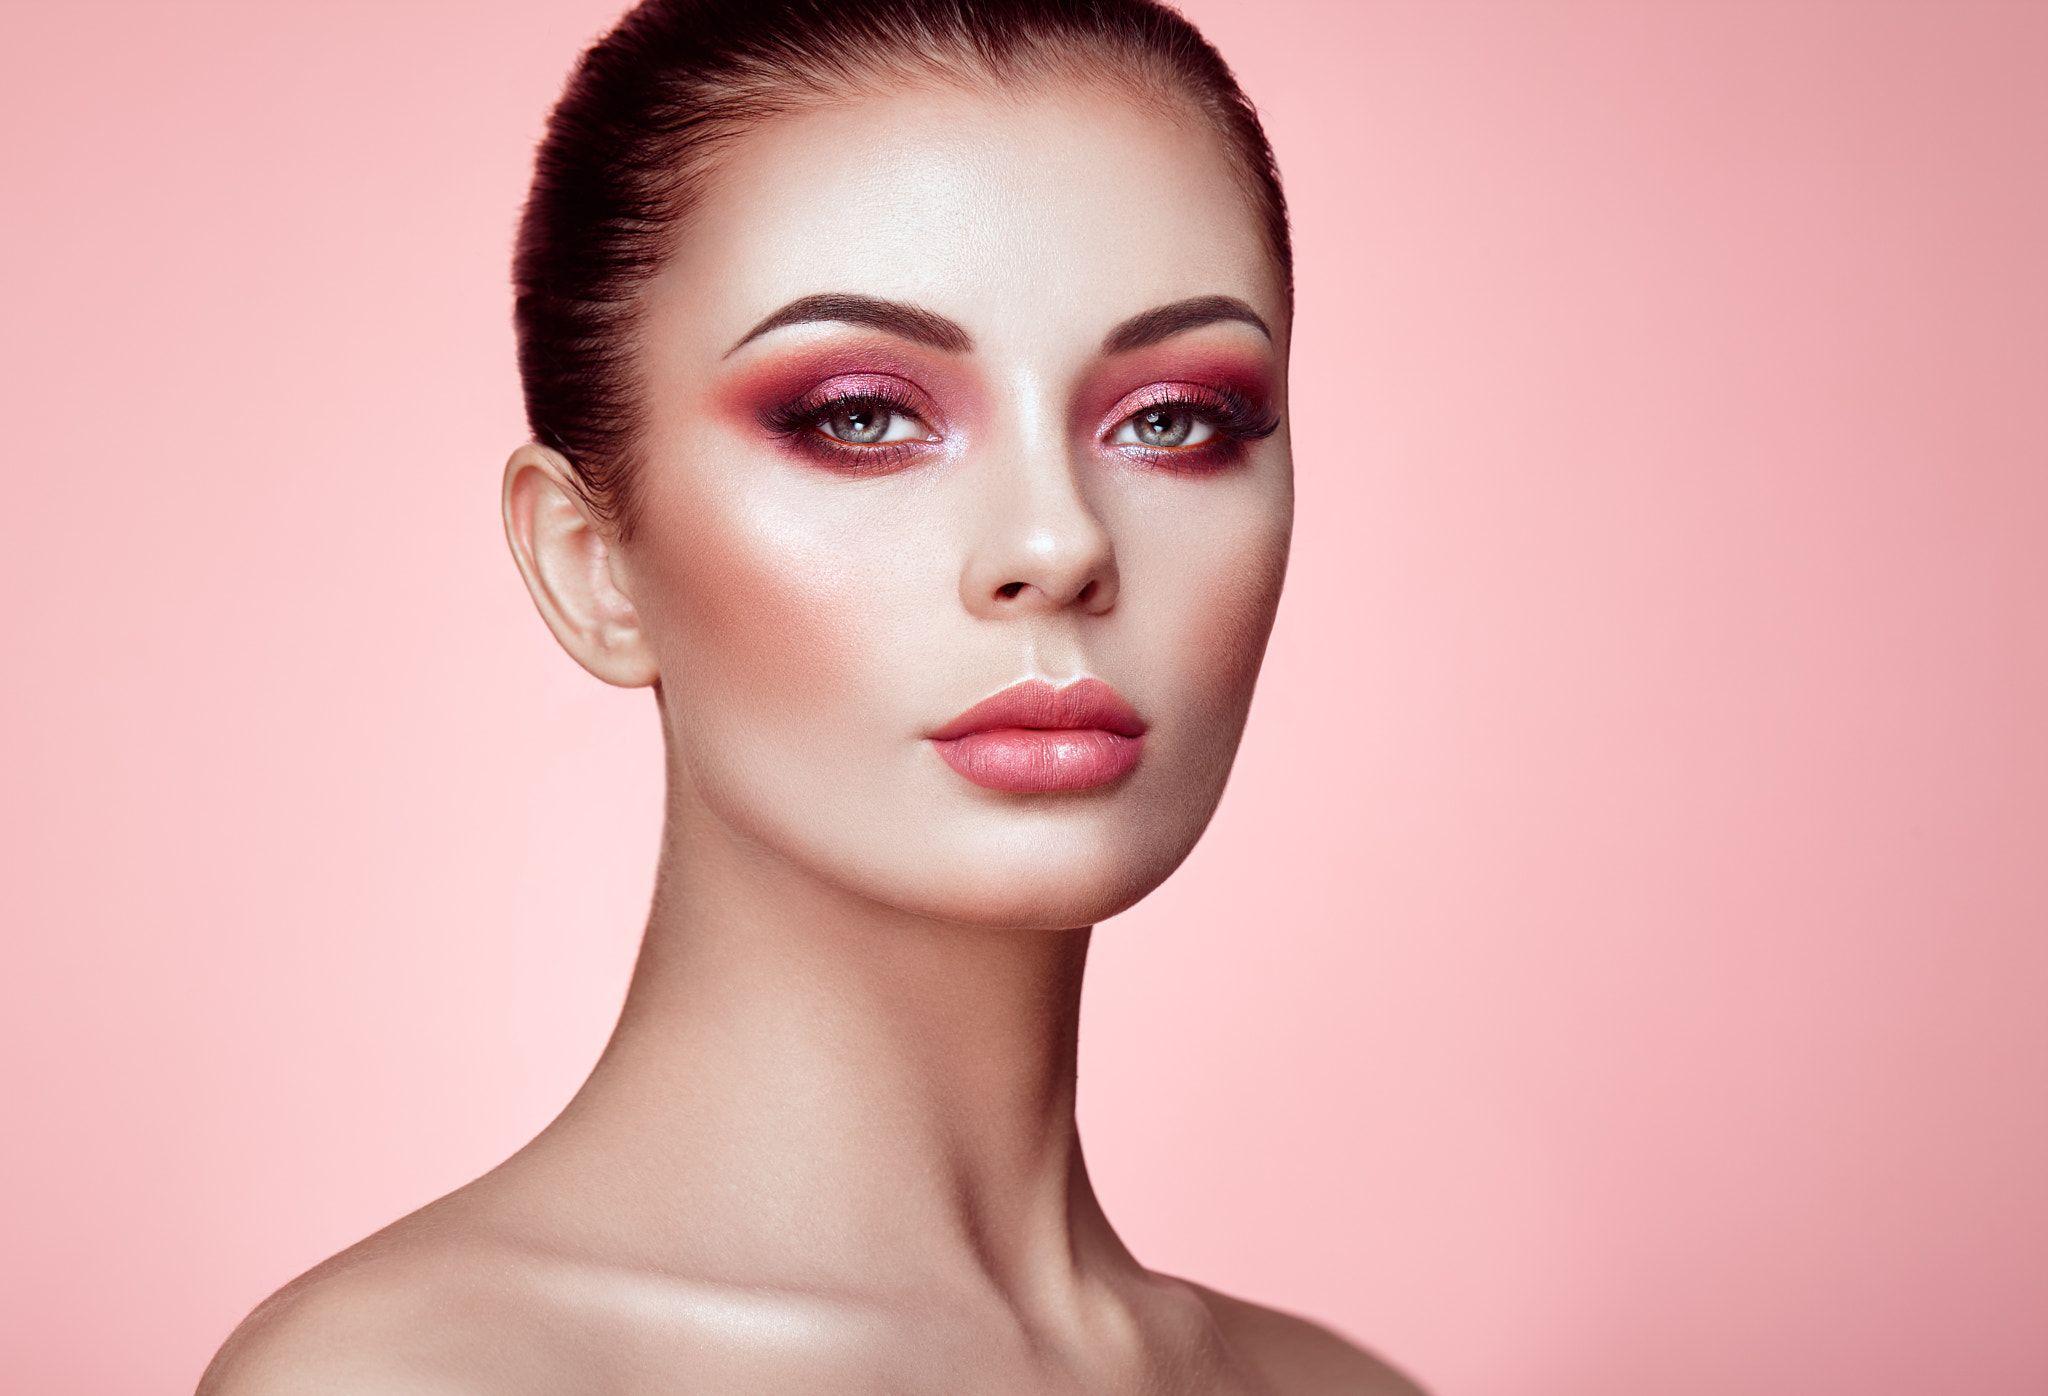 Beautiful Woman Face Beautiful Young Woman With Clean Fresh Skin Perfect Makeup Beauty Fashion Eyelashes Beautiful Women Faces Blue Eye Makeup Woman Face